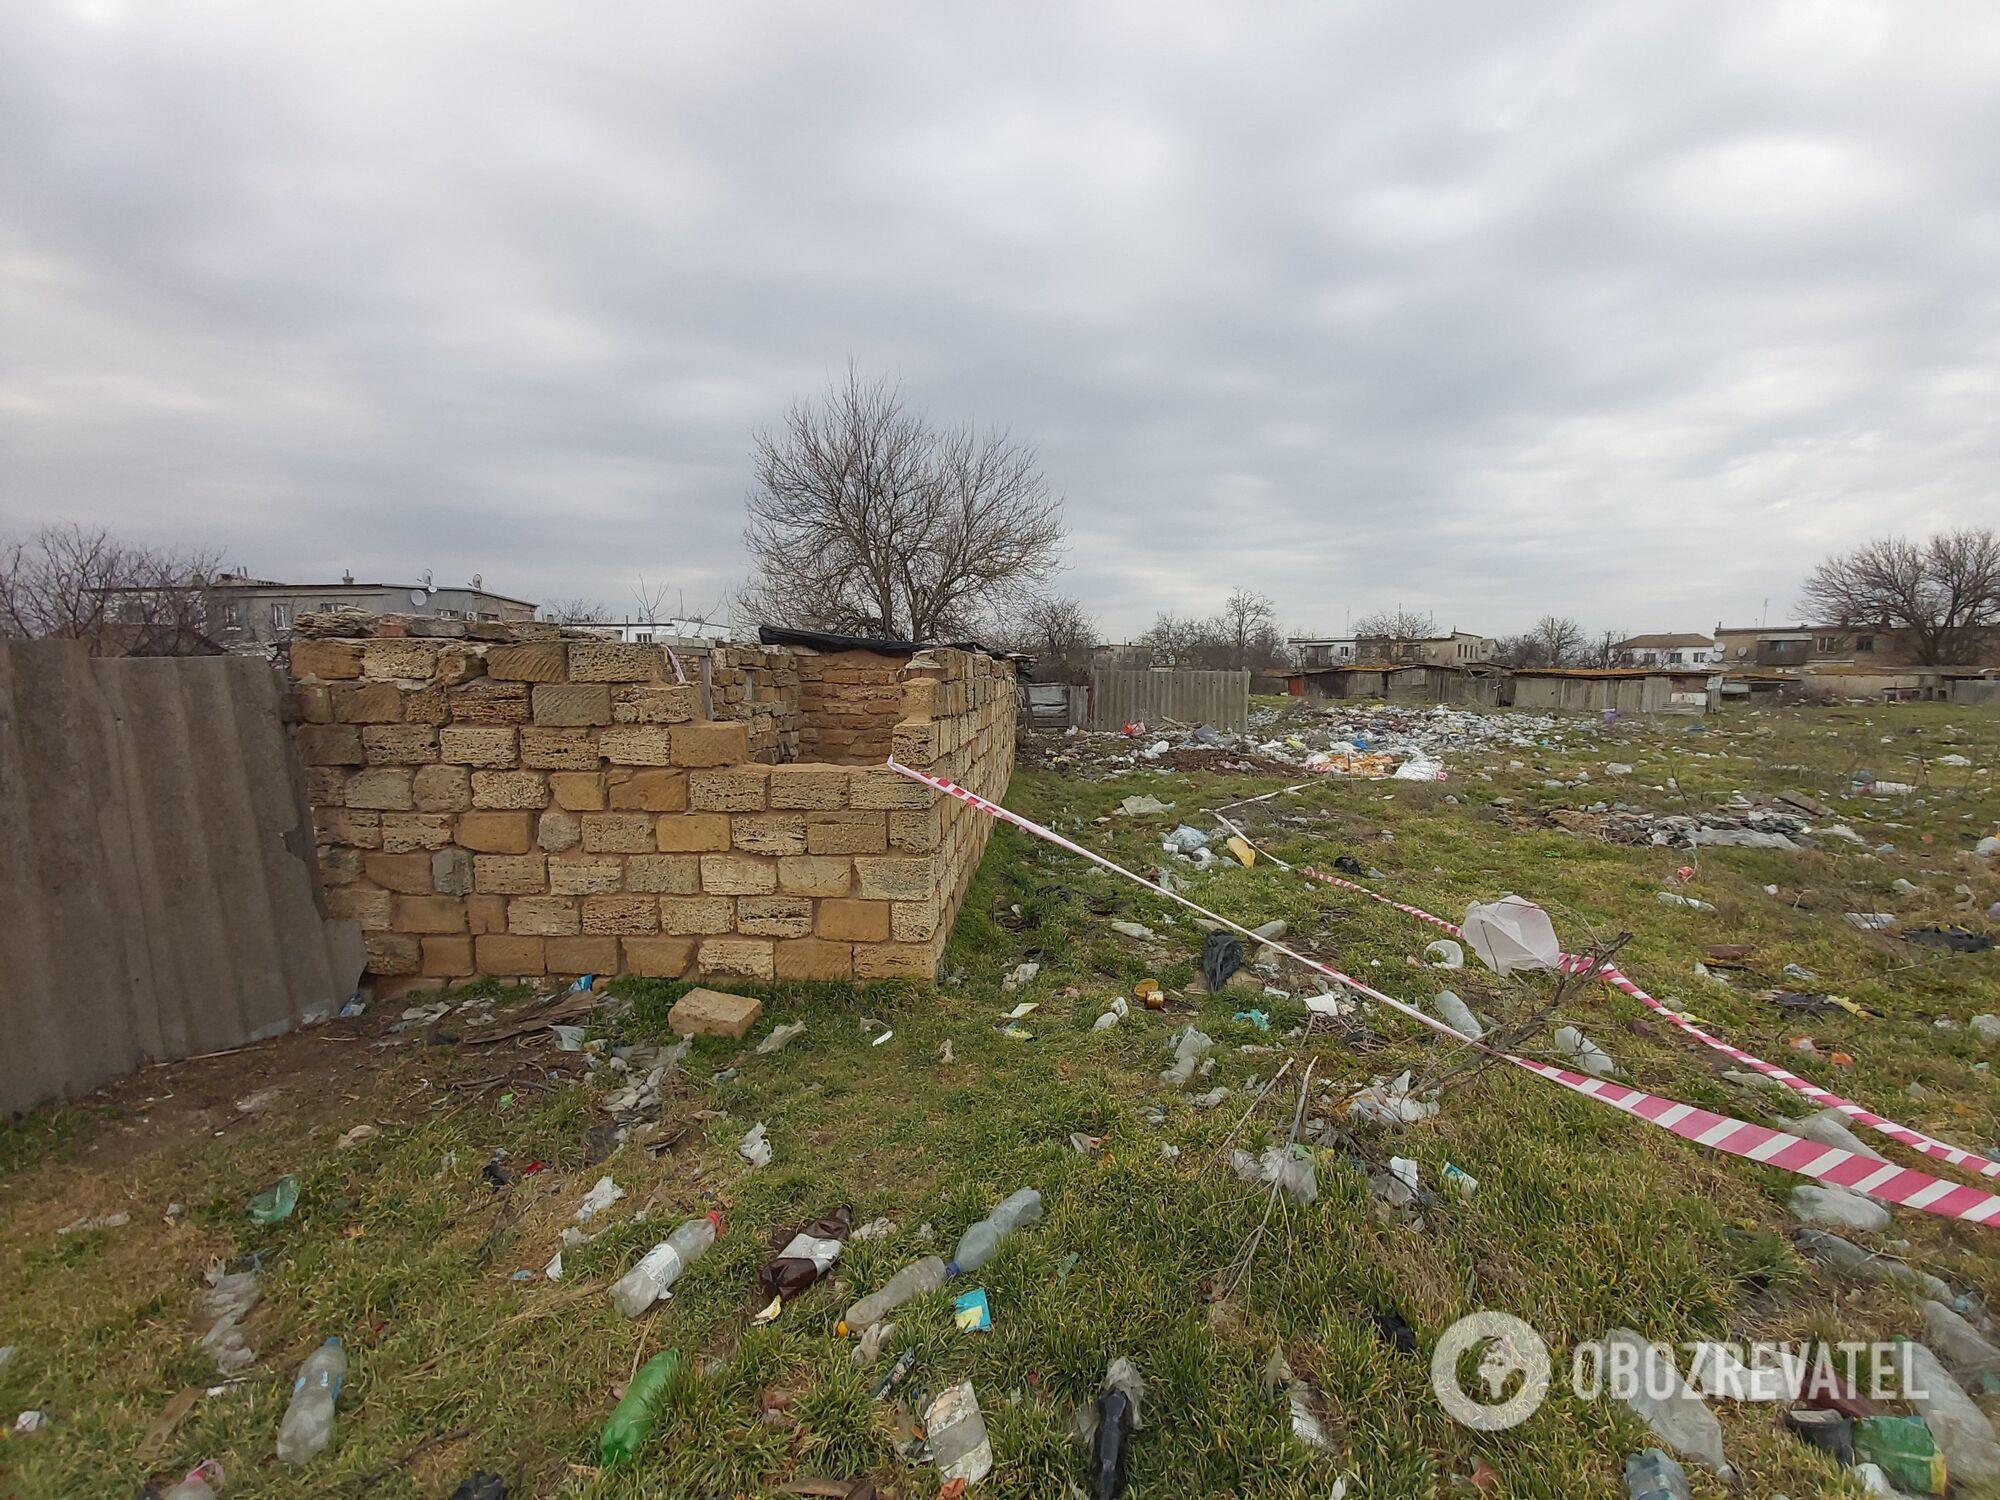 Труп Маші Борисової підкинули в сарай біля сільського звалища.